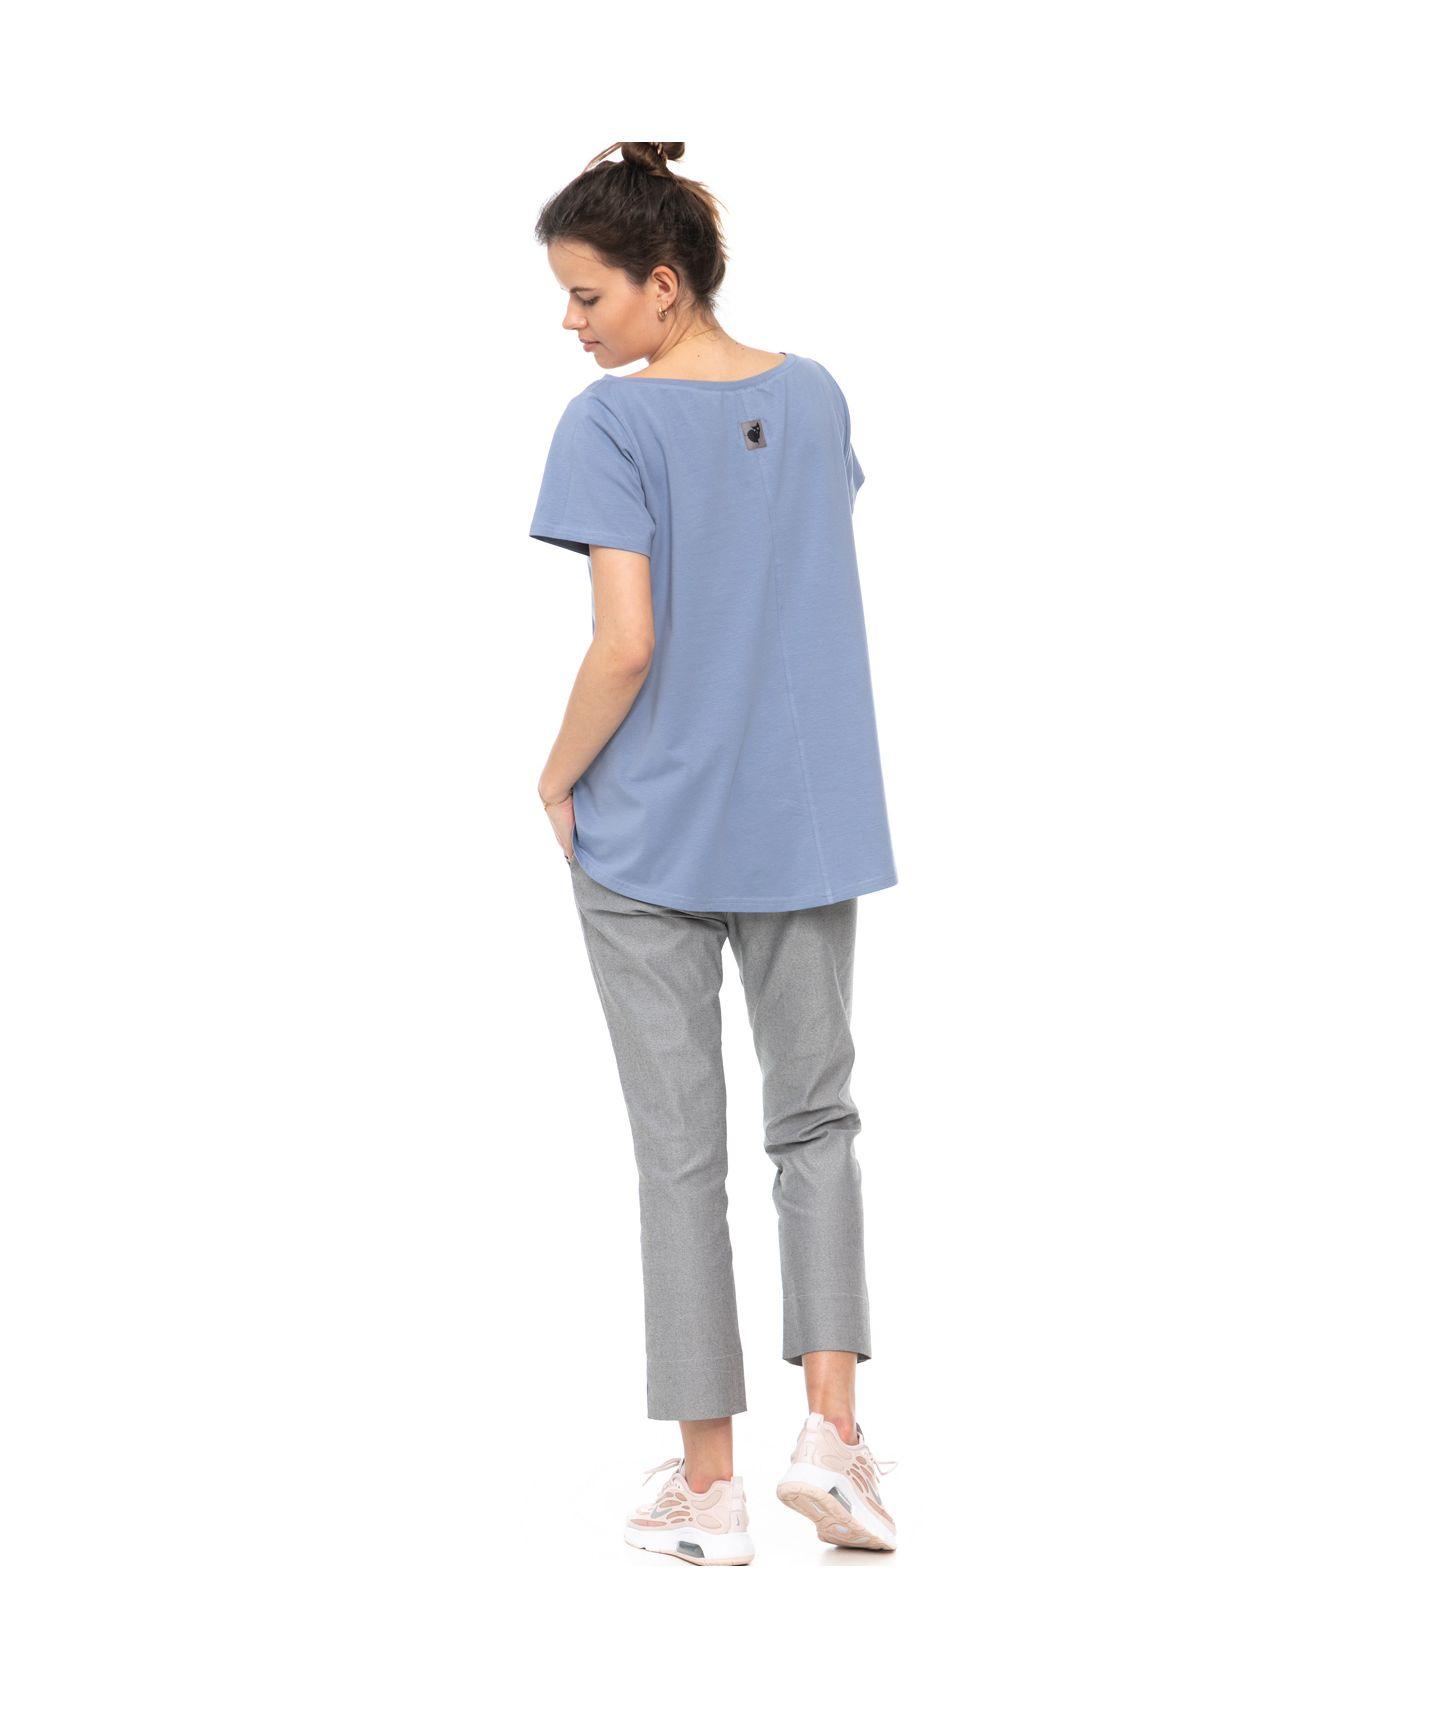 bluzka IZZY pudrowy niebieski